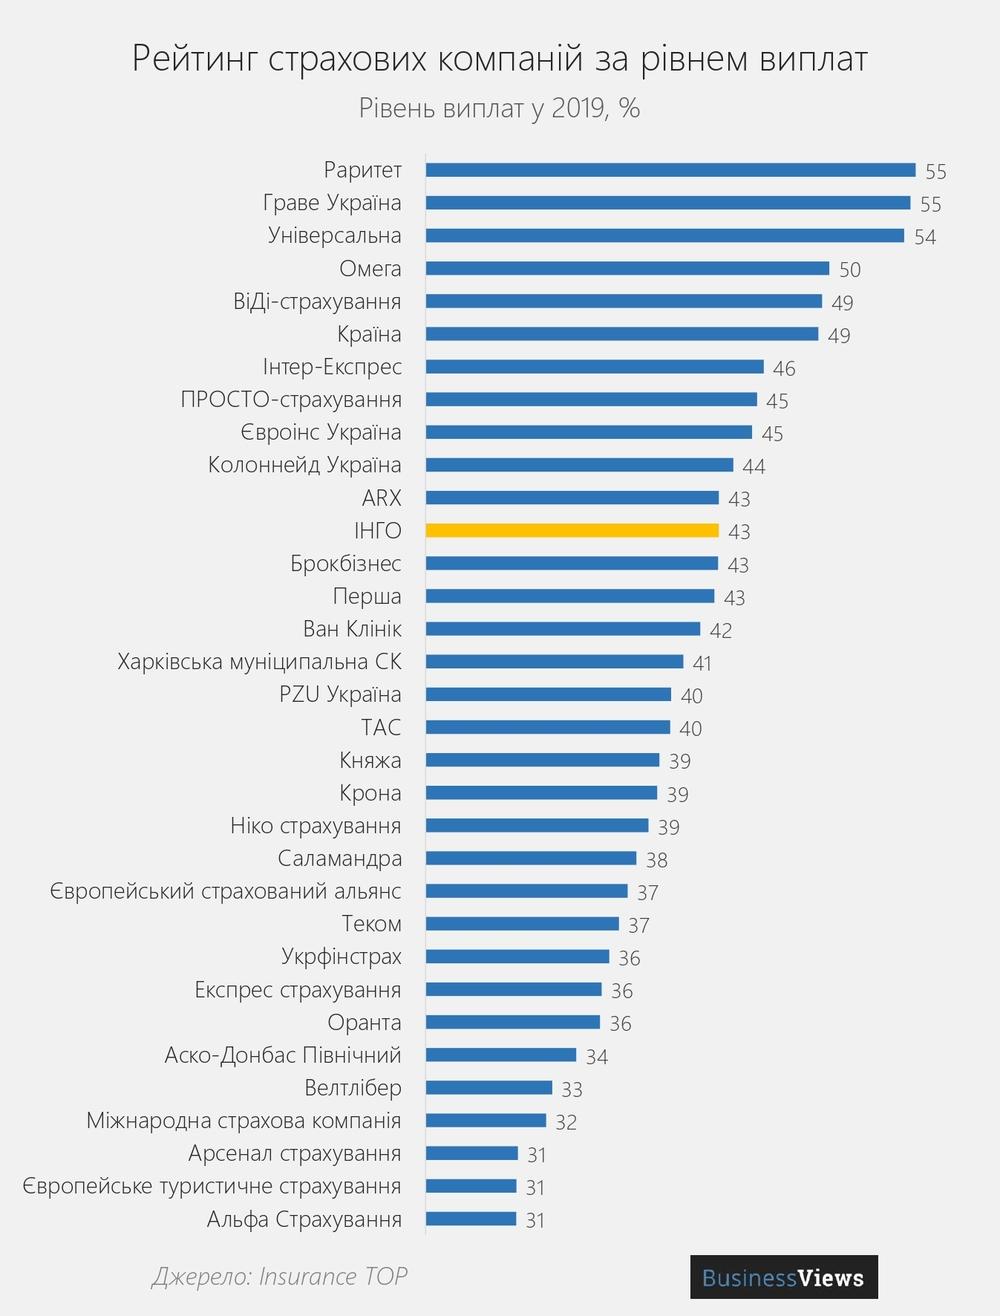 рейтинг страхових компаній